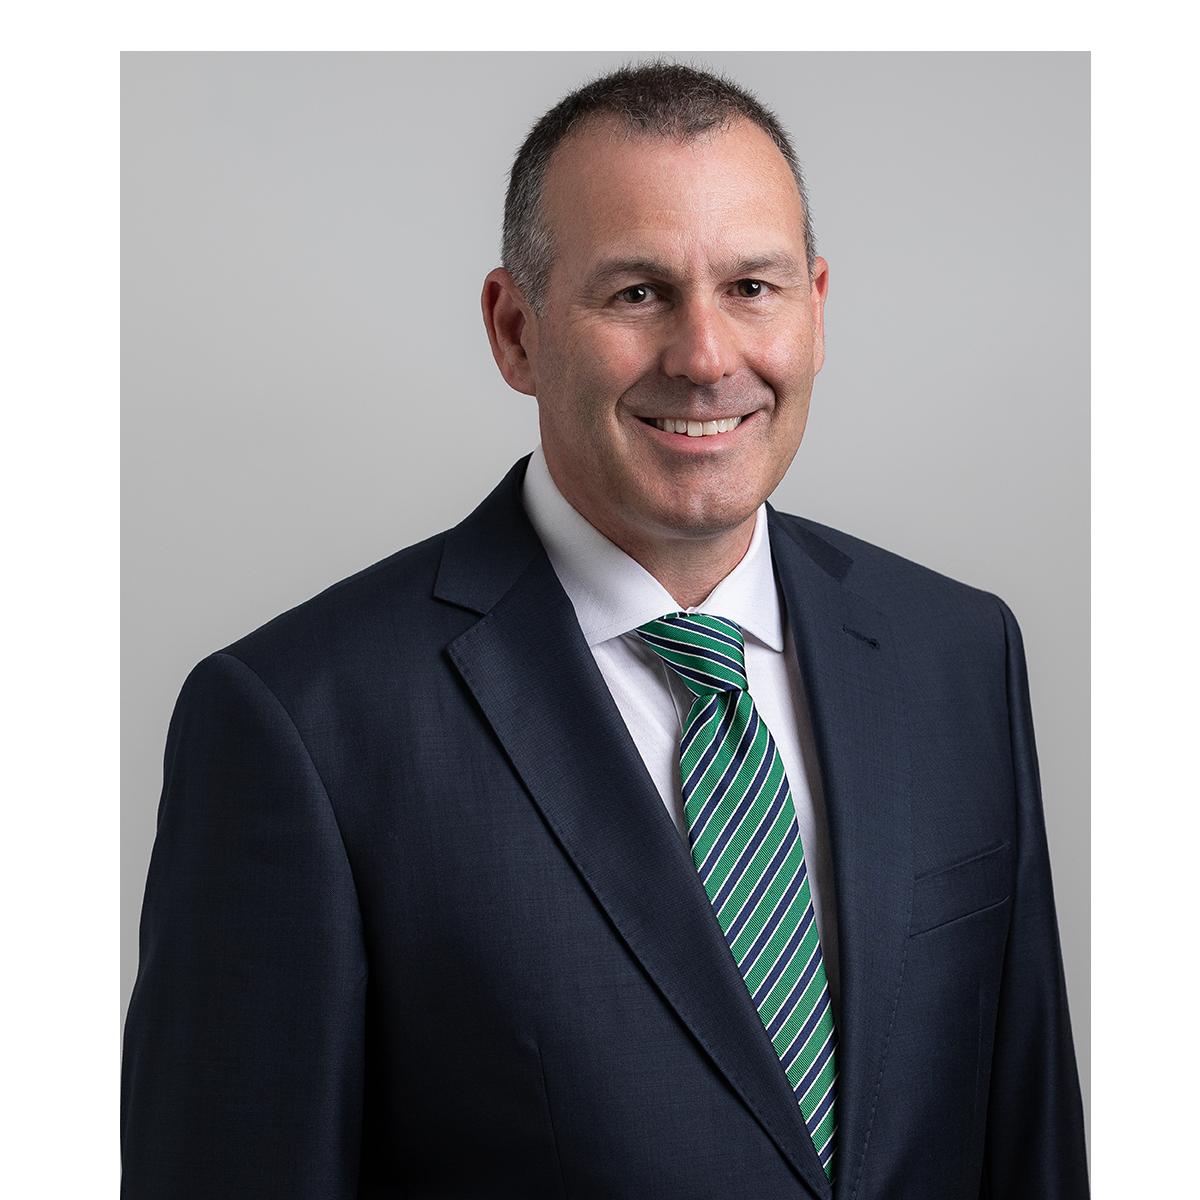 Mark McRae Banktech